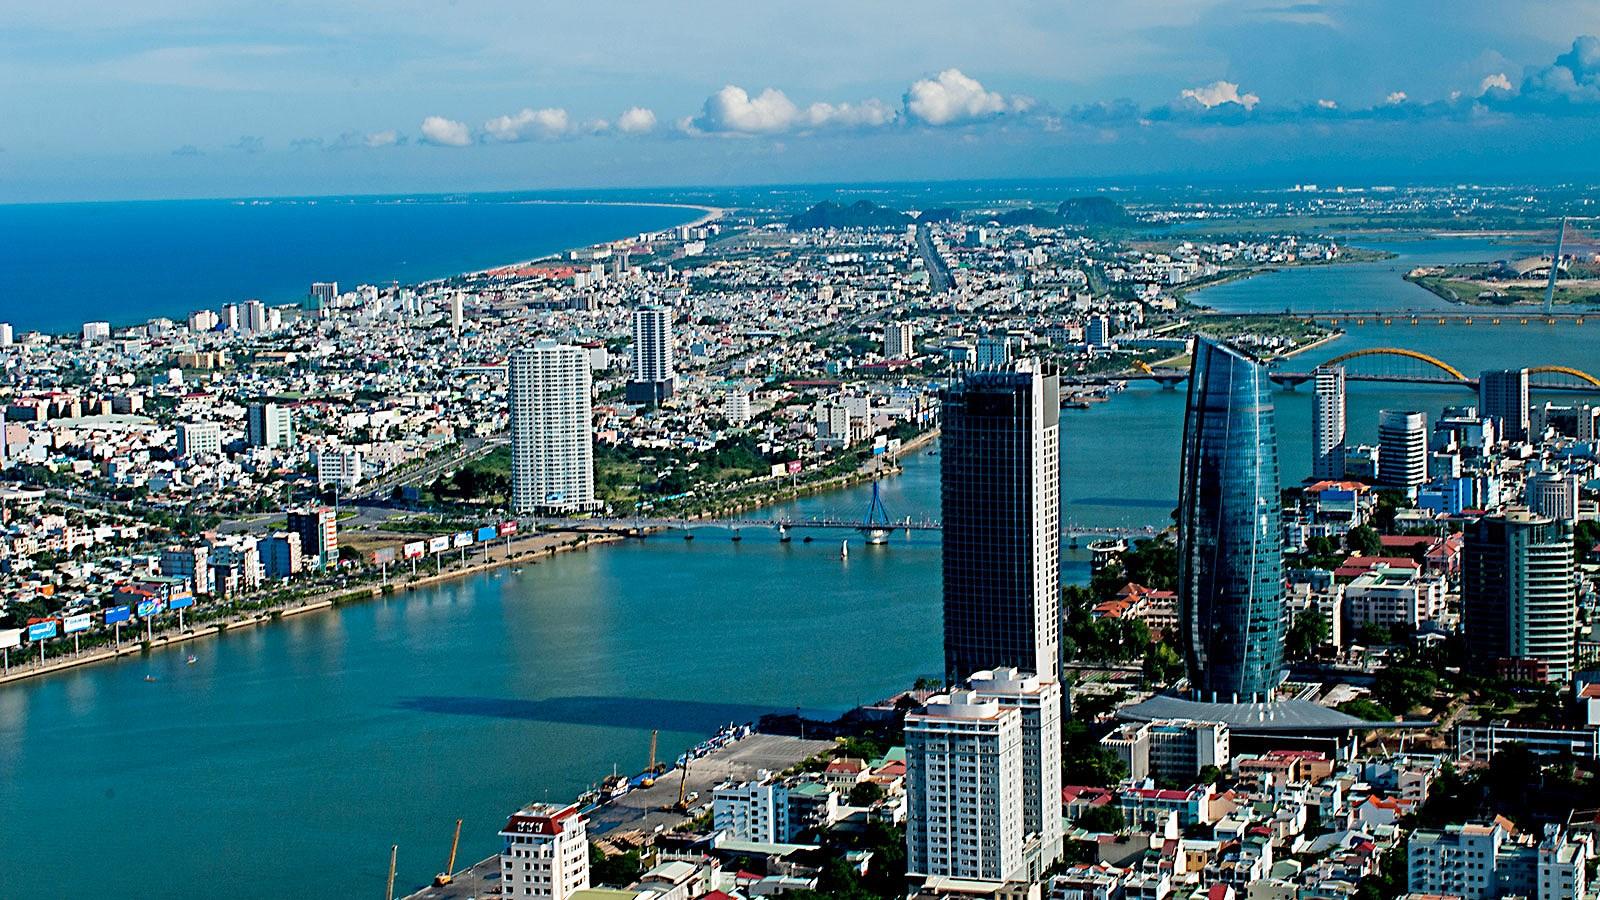 Đà Nẵng - Nơi giới siêu giàu tìm không gian sống thượng đỉnh